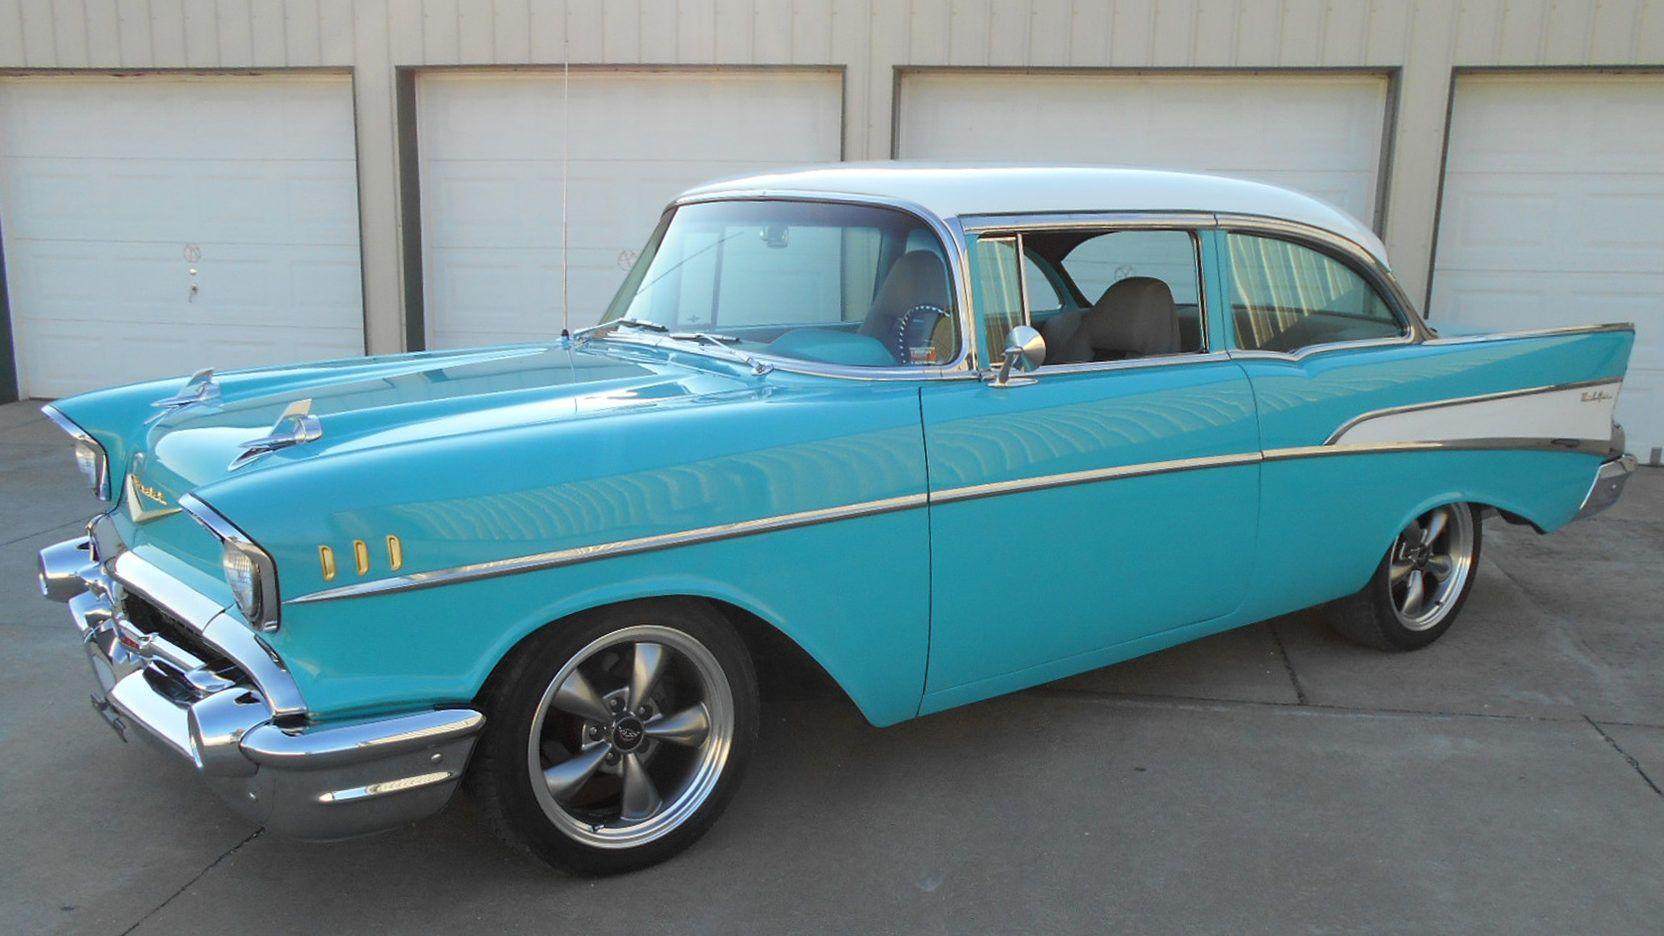 1957 Chevrolet Bel Air presented as Lot S64 at Kansas City, MO ...